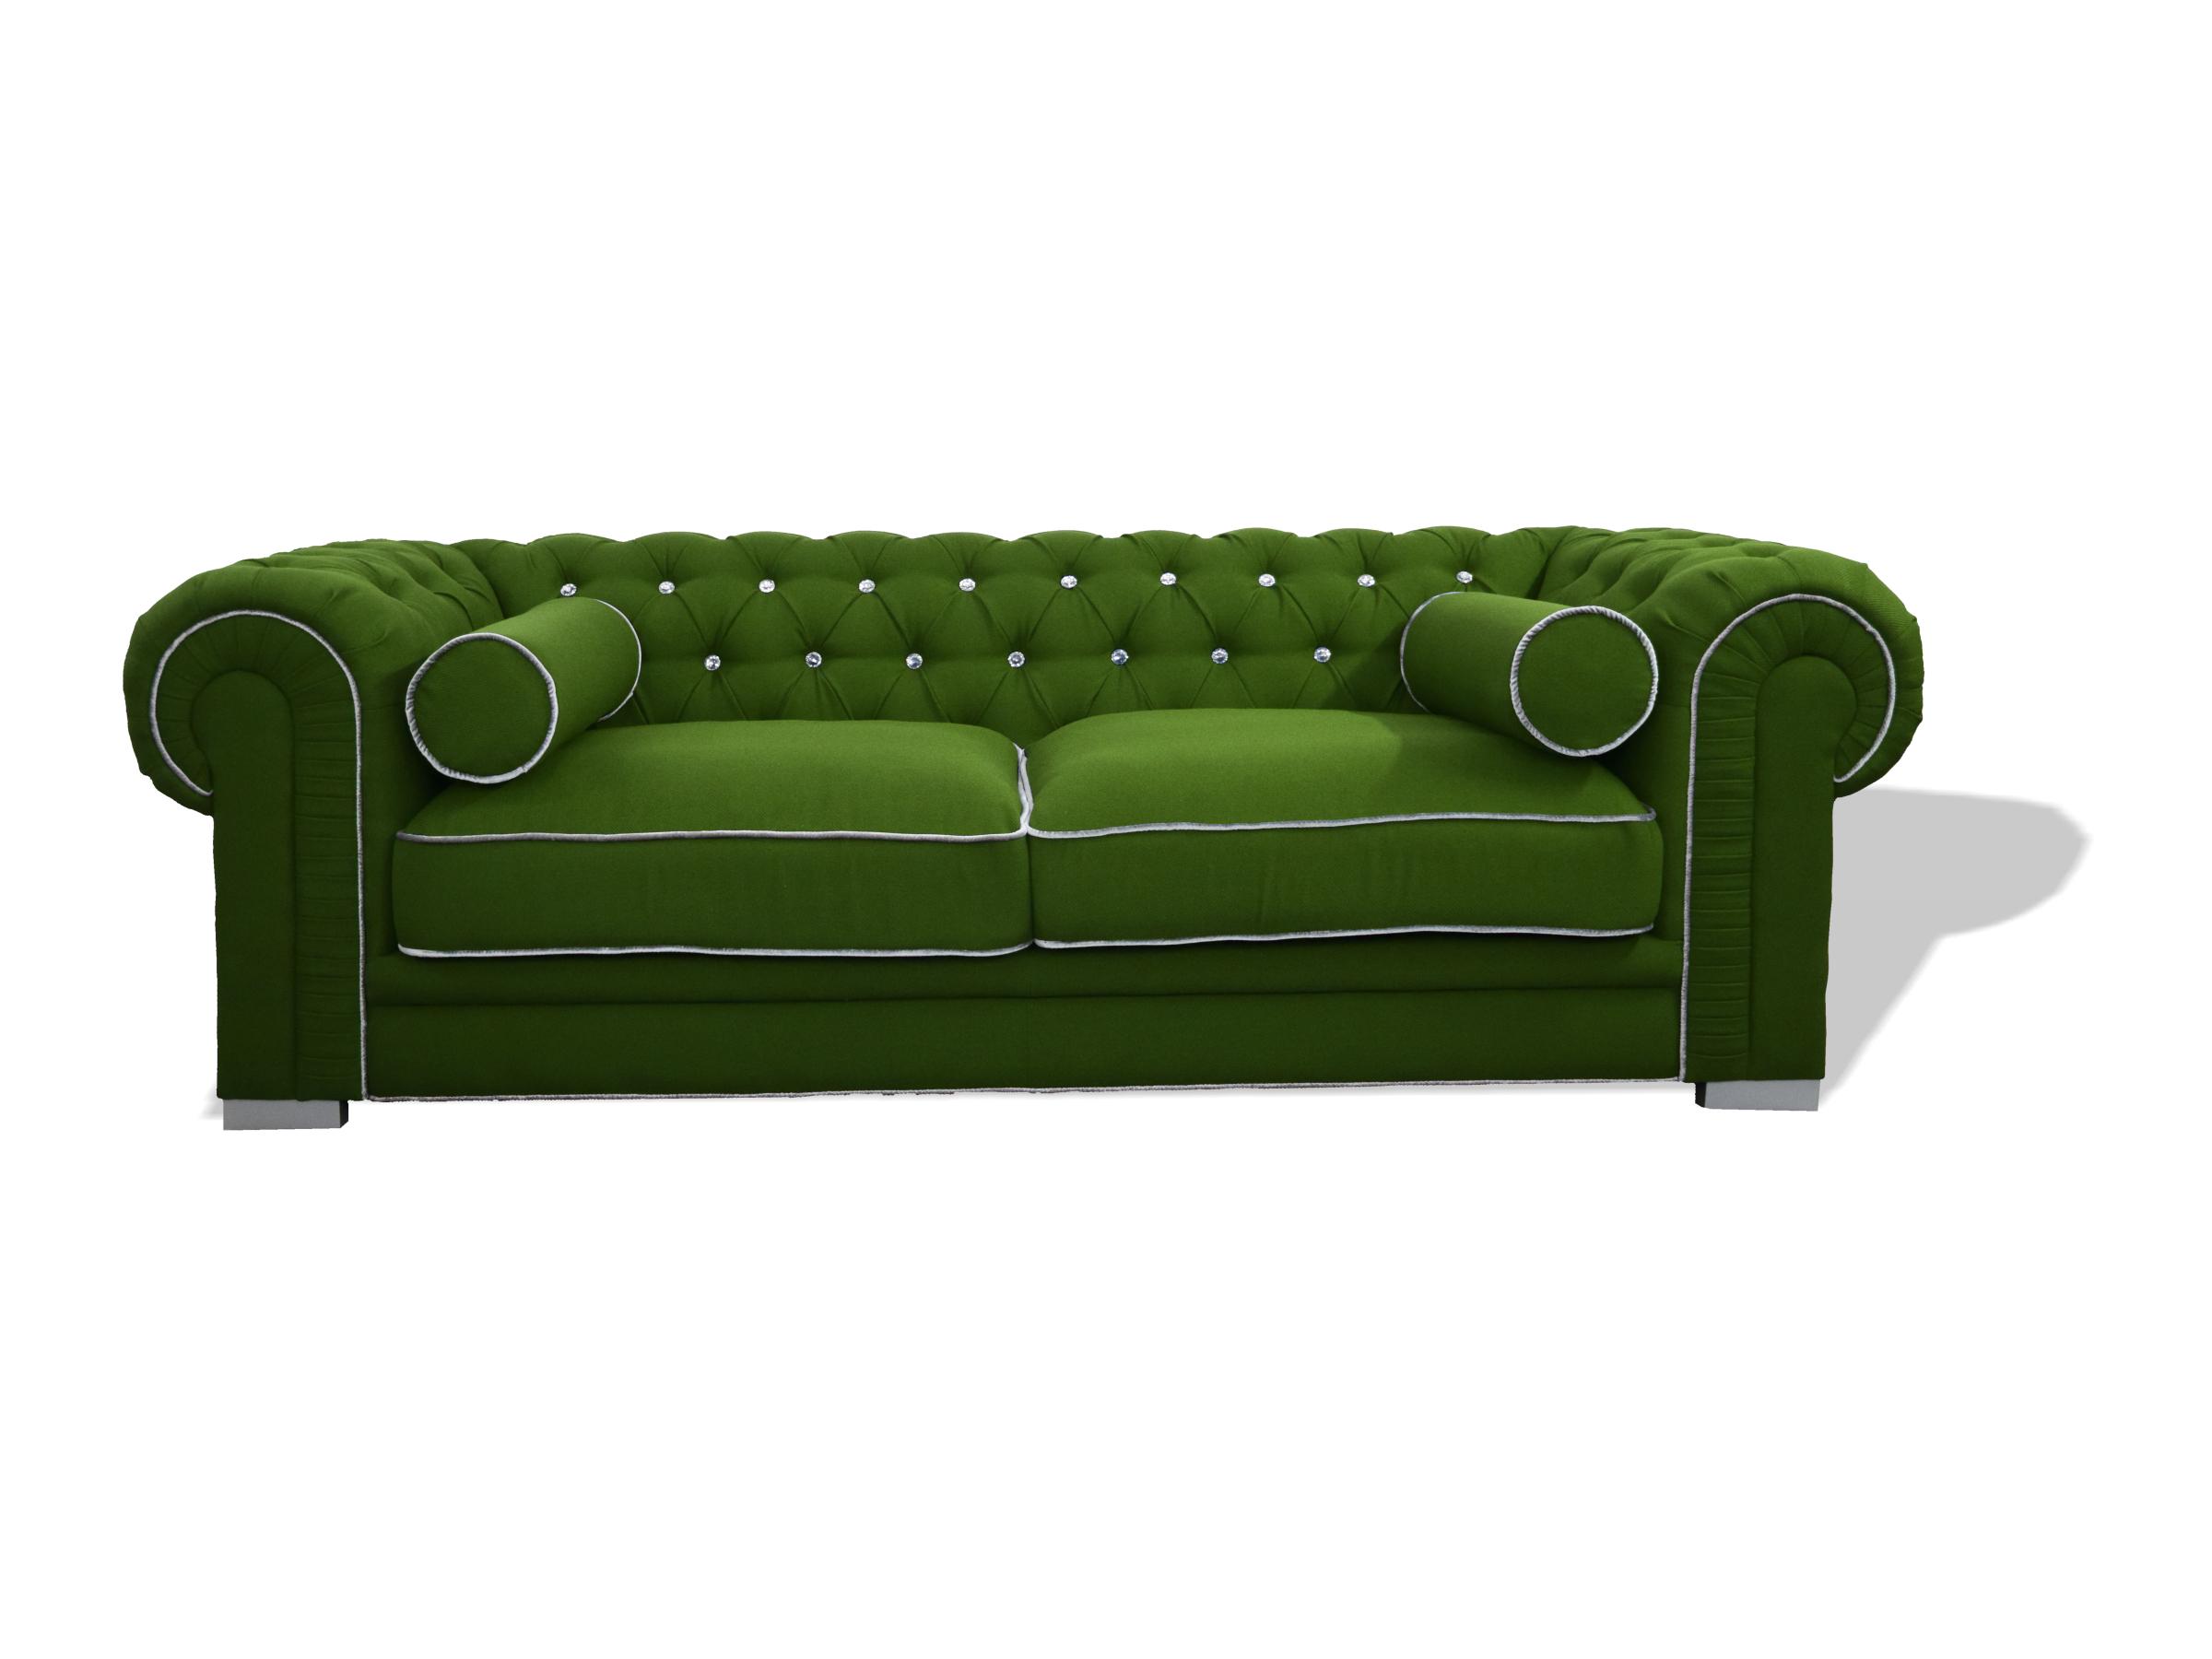 big sofa gebraucht berlin die neueste innovation der. Black Bedroom Furniture Sets. Home Design Ideas